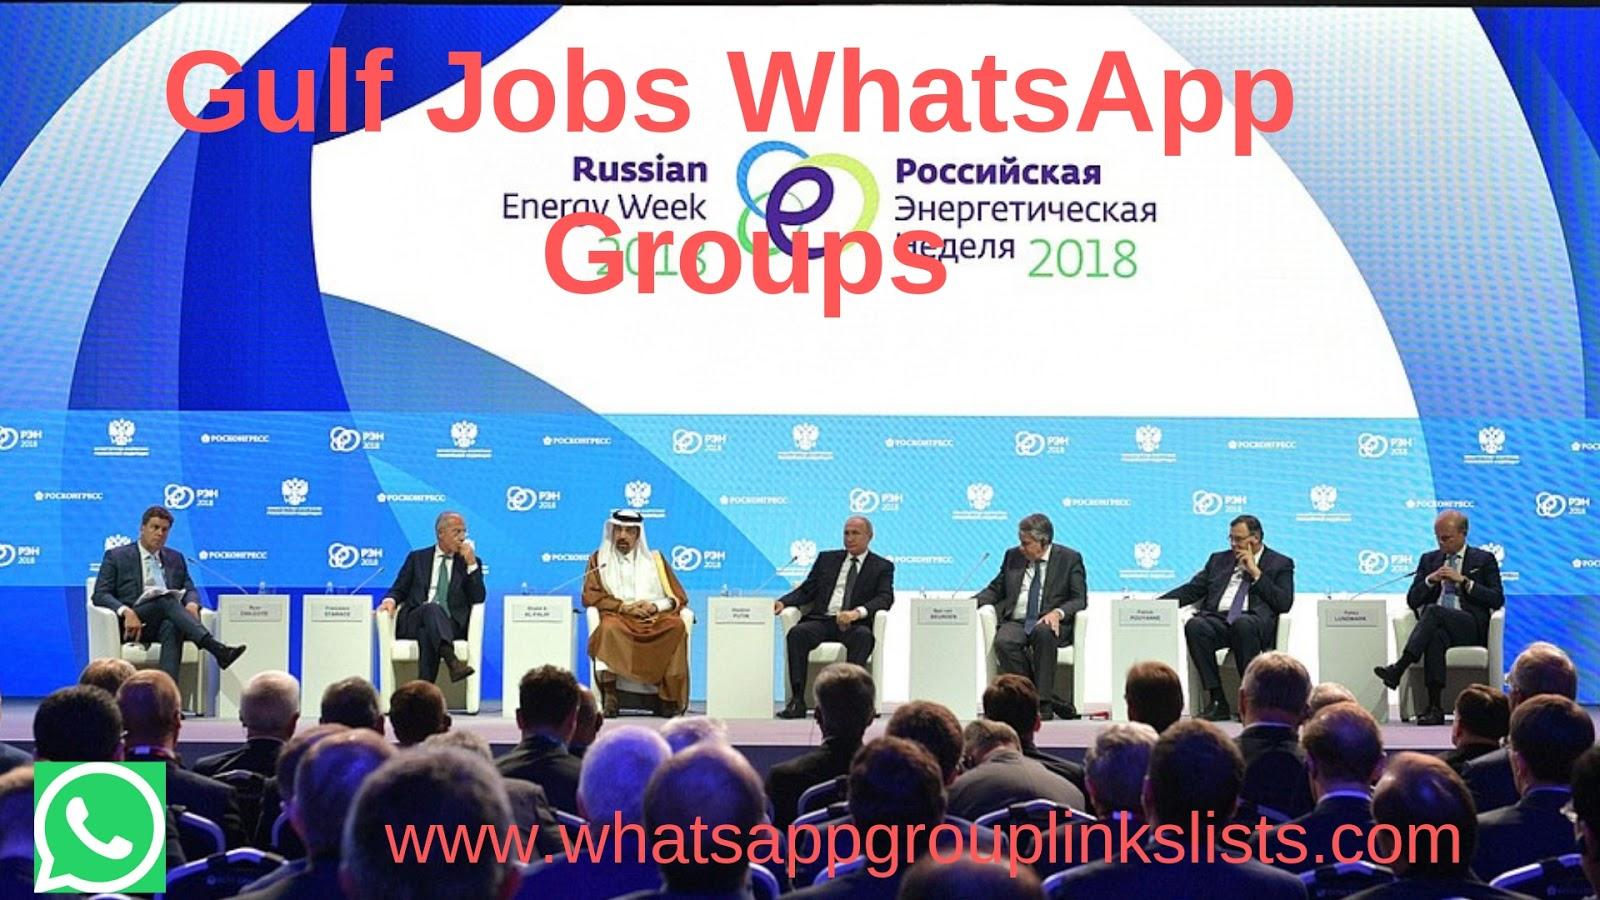 Join Gulf Jobs WhatsApp Group Links List